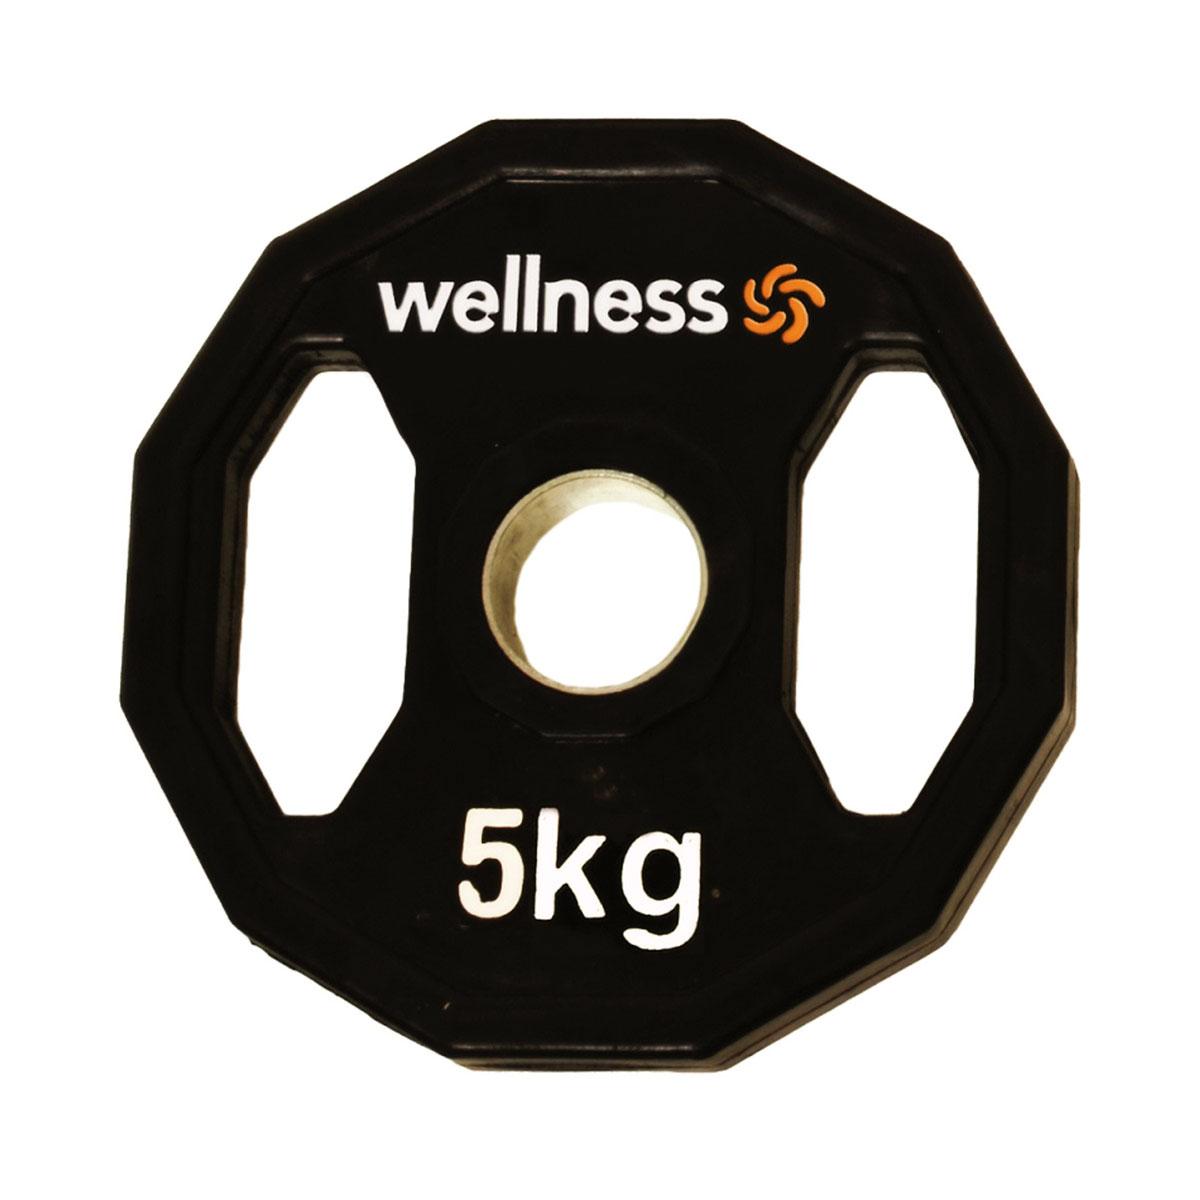 Anilha Emborrachada Furação Standard 12 Faces 5kg Wellness